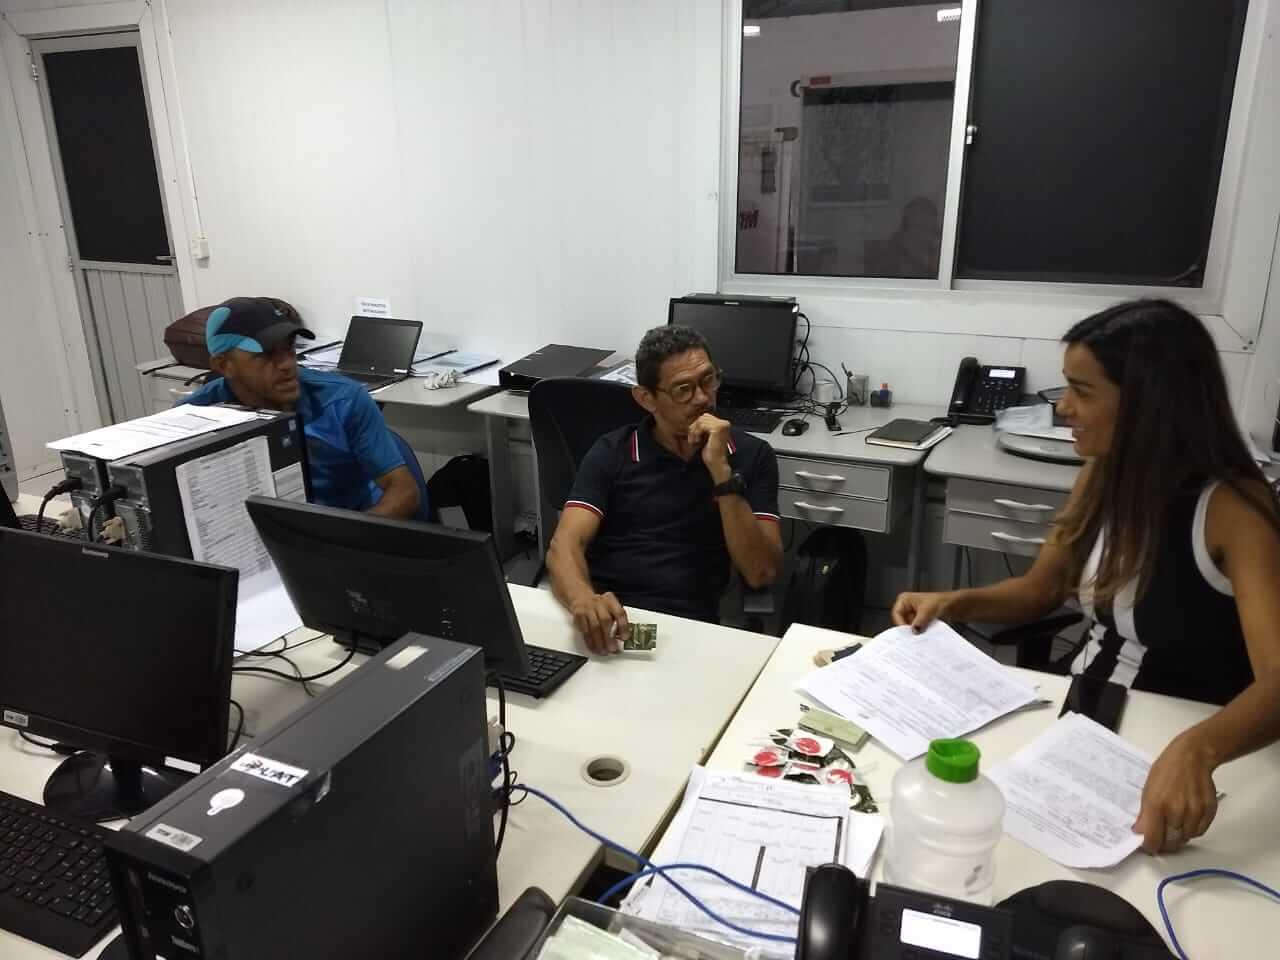 Sindicato Nacional dos Aeroviários presta assessoria previdenciária em atendimento presencial na base de Fortaleza e demais estados dos nordeste, com advogada Paula Gaston.